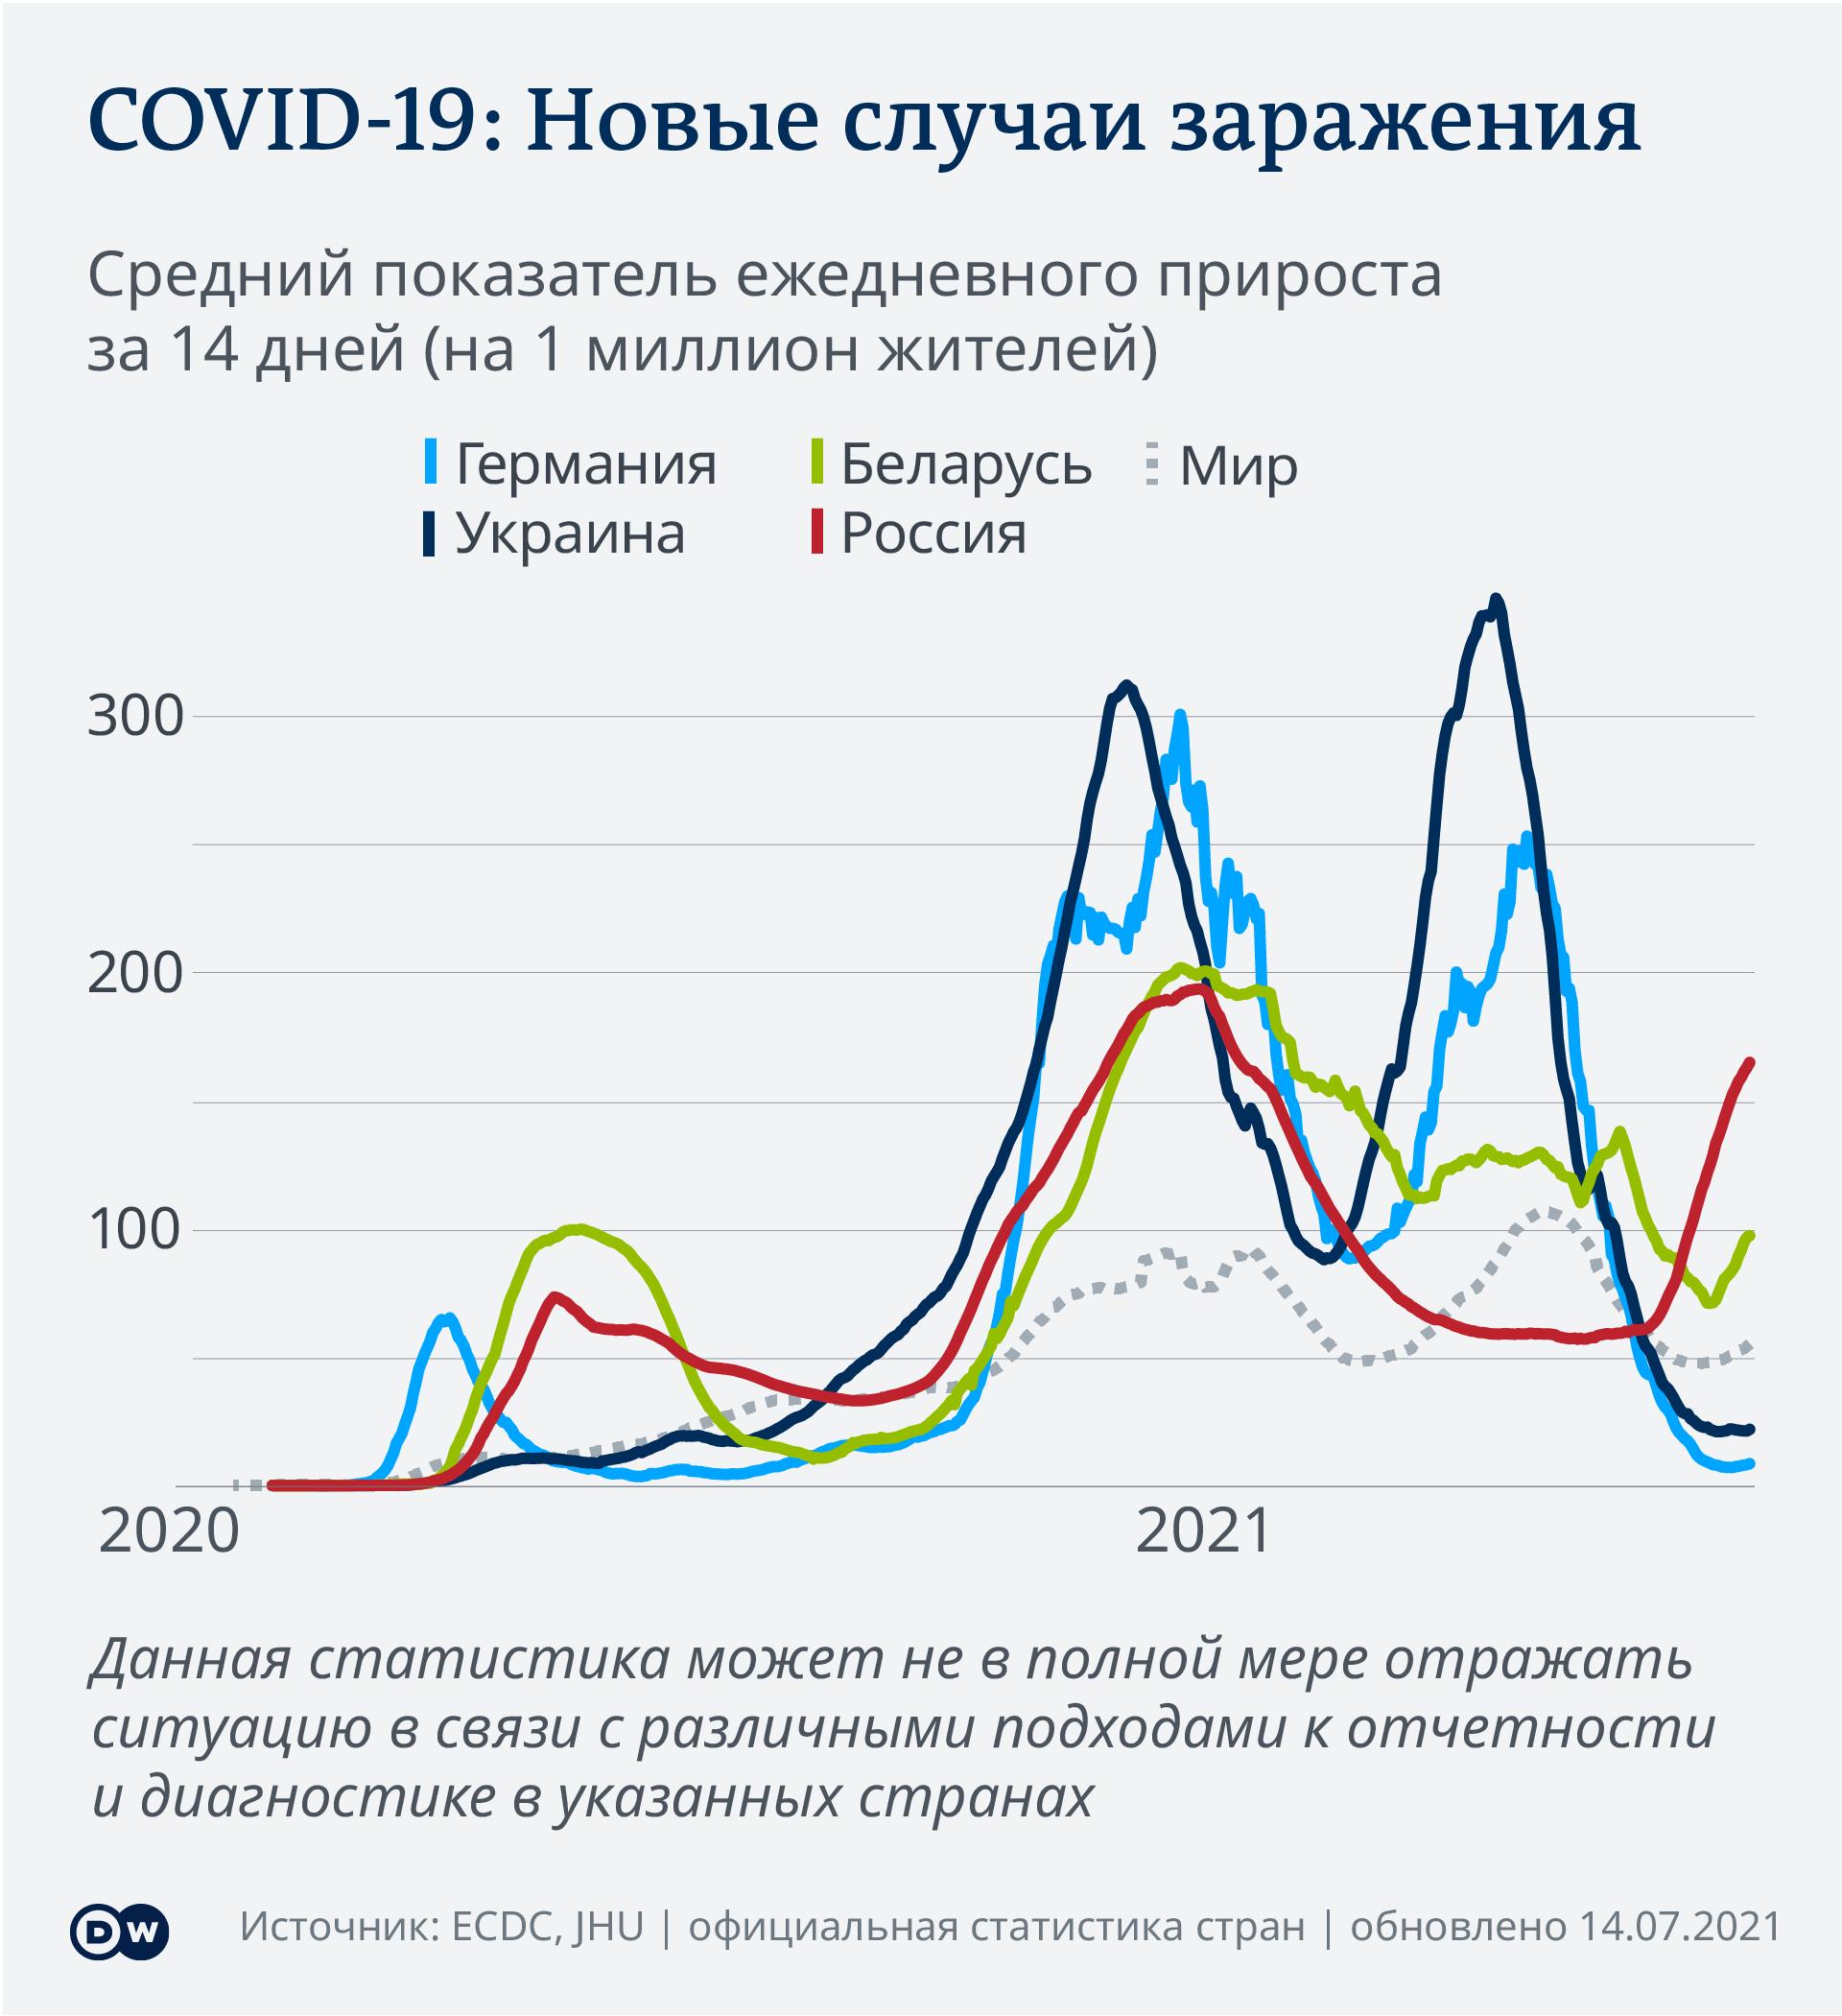 Новые случаи заражения коронавирусом за 14 дней на 1 млн жителей Германии, России, Беларуси, Украины, мира